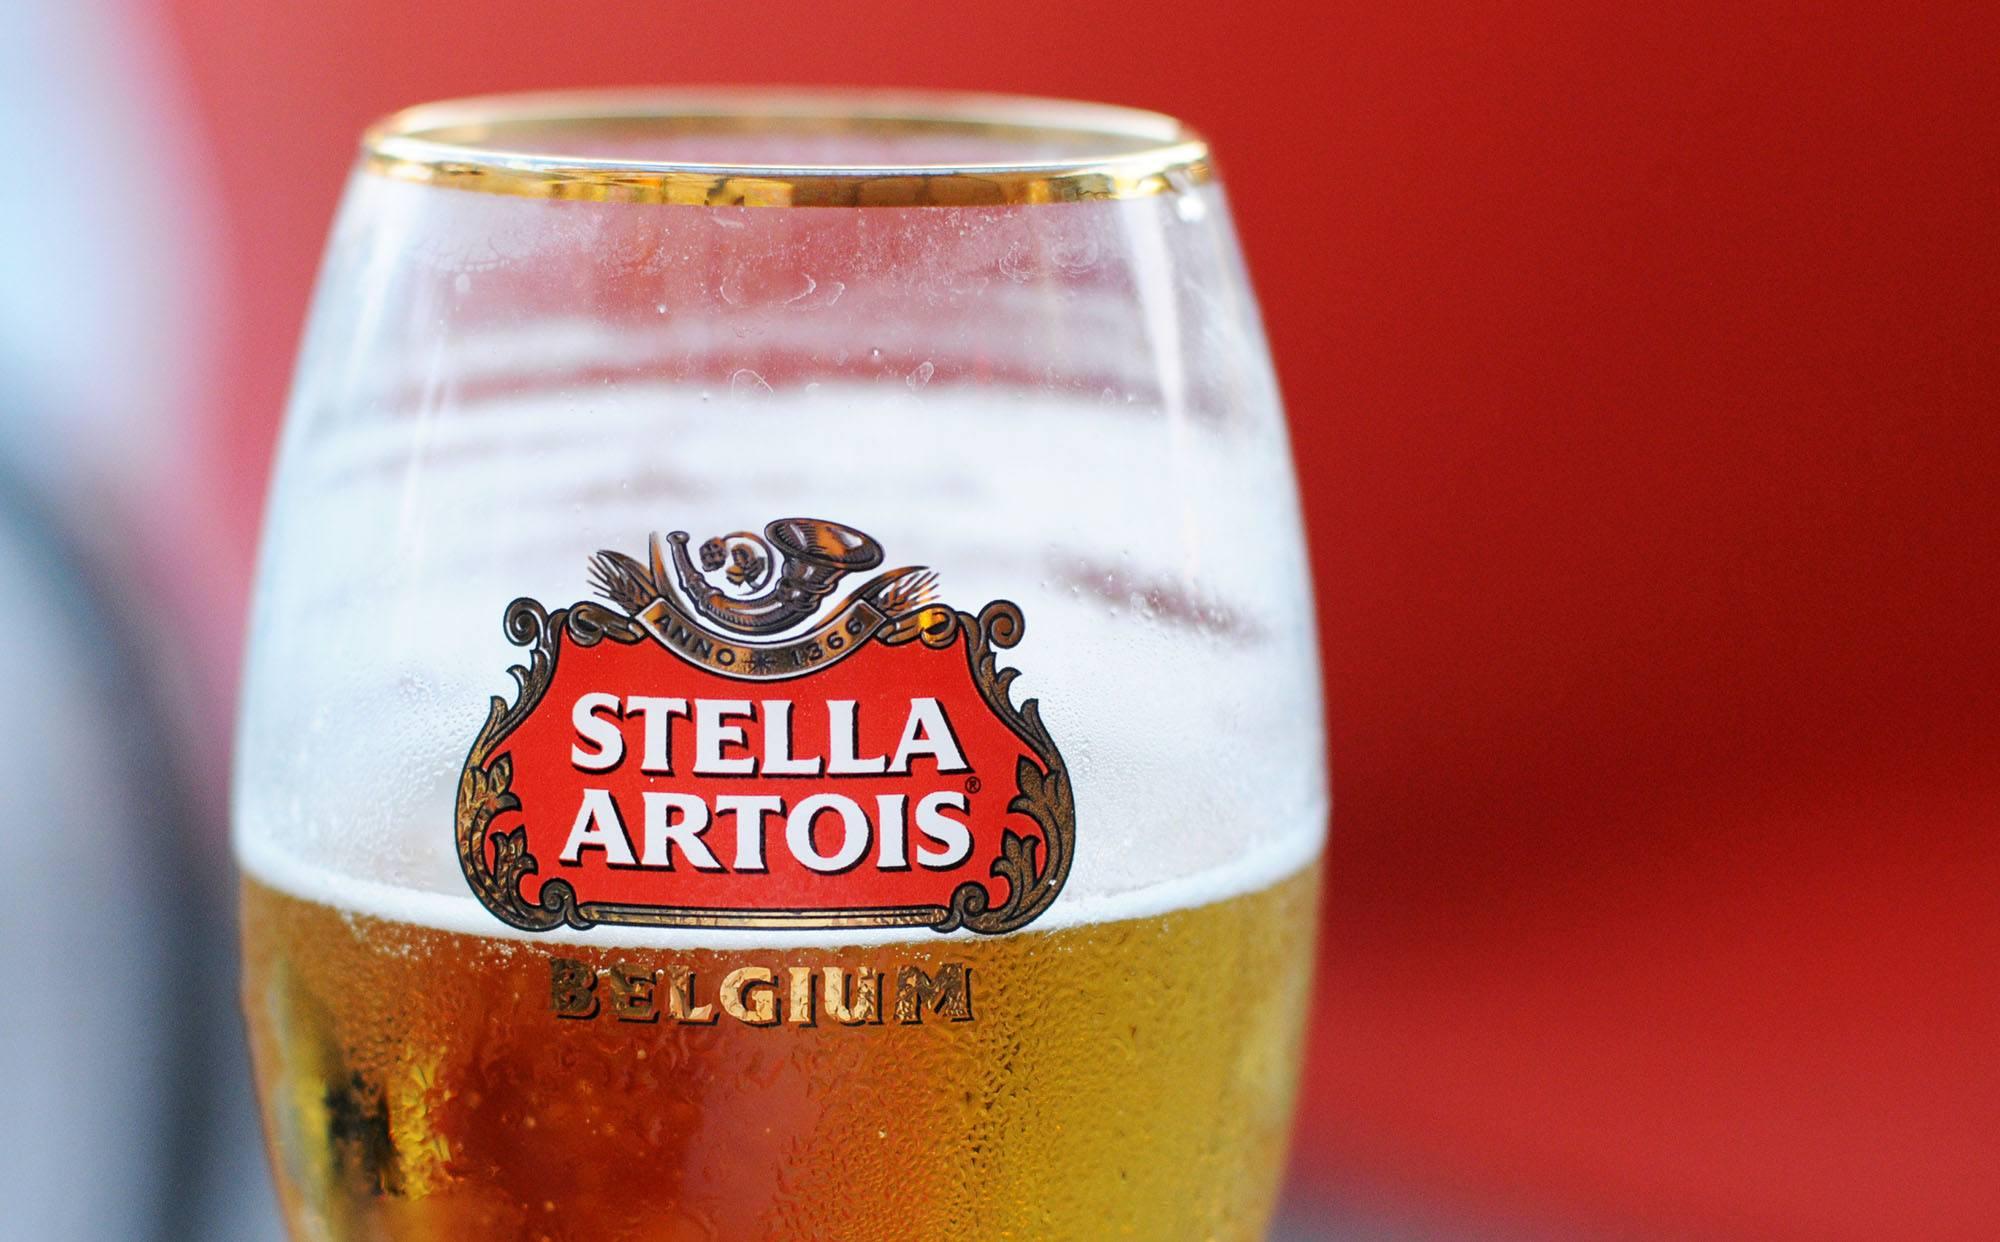 Stella beer (Annavee/Shutterstock)